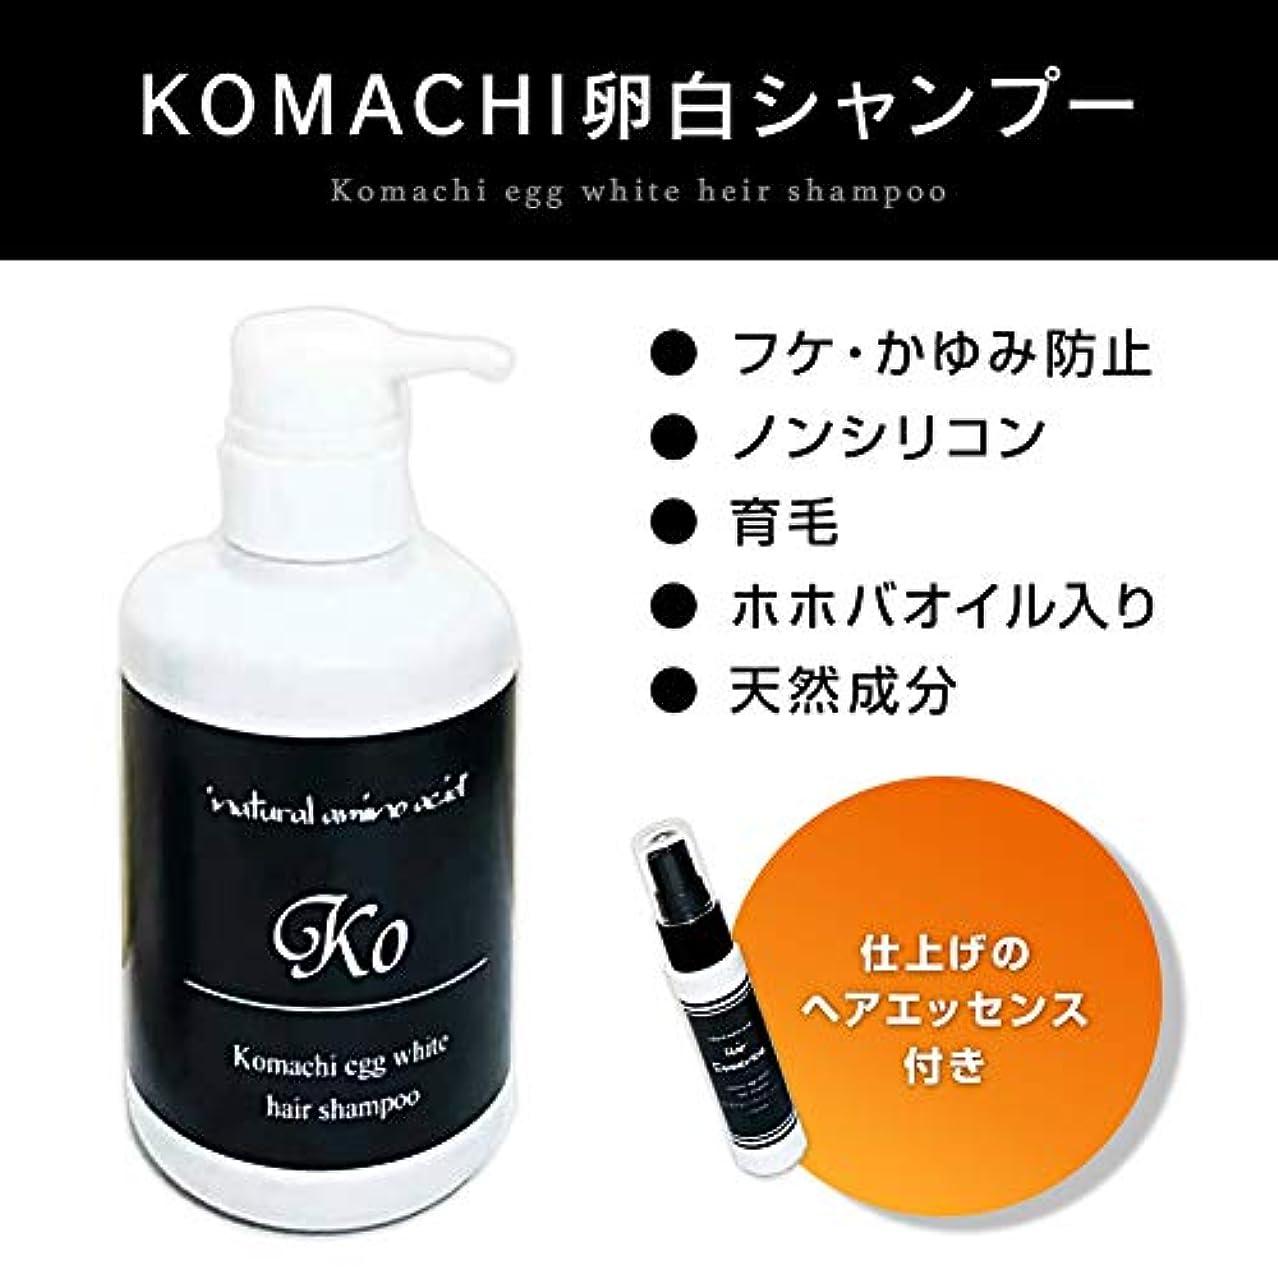 シニス解き明かす主人KOMACHI シャンプー メンズ 無添加 人気 オーガニック ノンシリコン 日本製 ホホバオイル入り ヘアエッセンス付きシャンプー セット